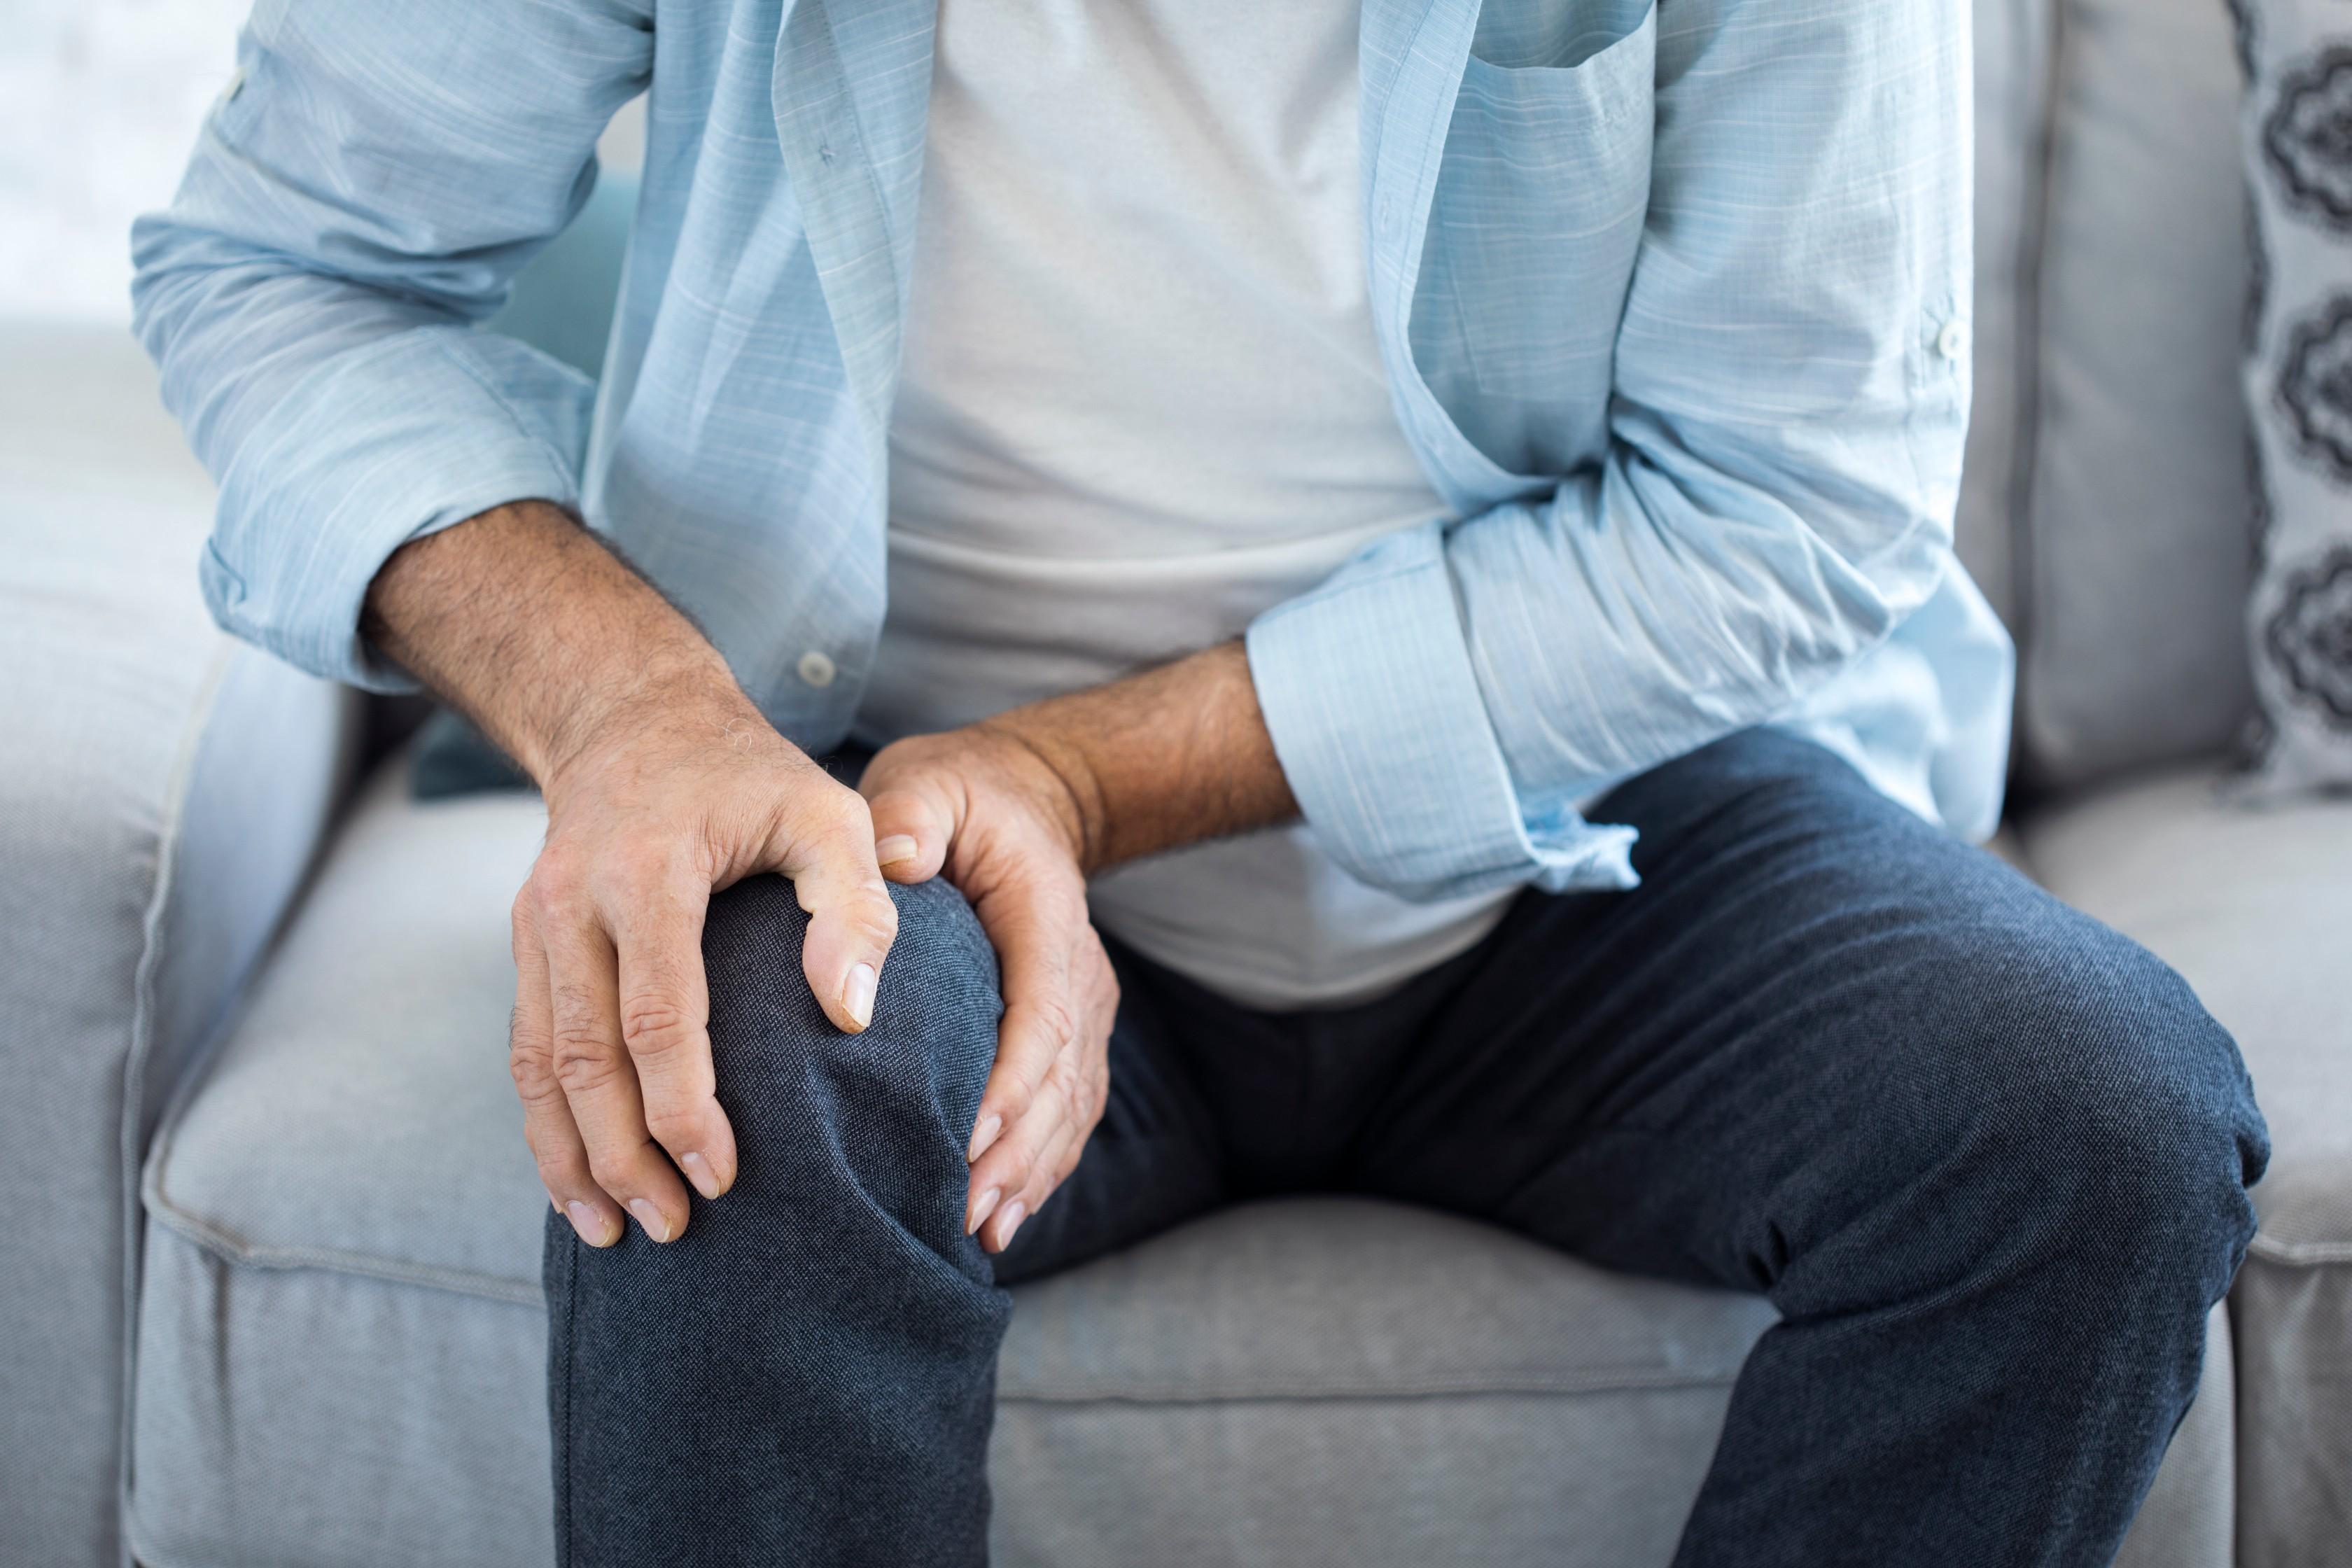 hogyan lehet kezelni az ízületi fájdalmakat